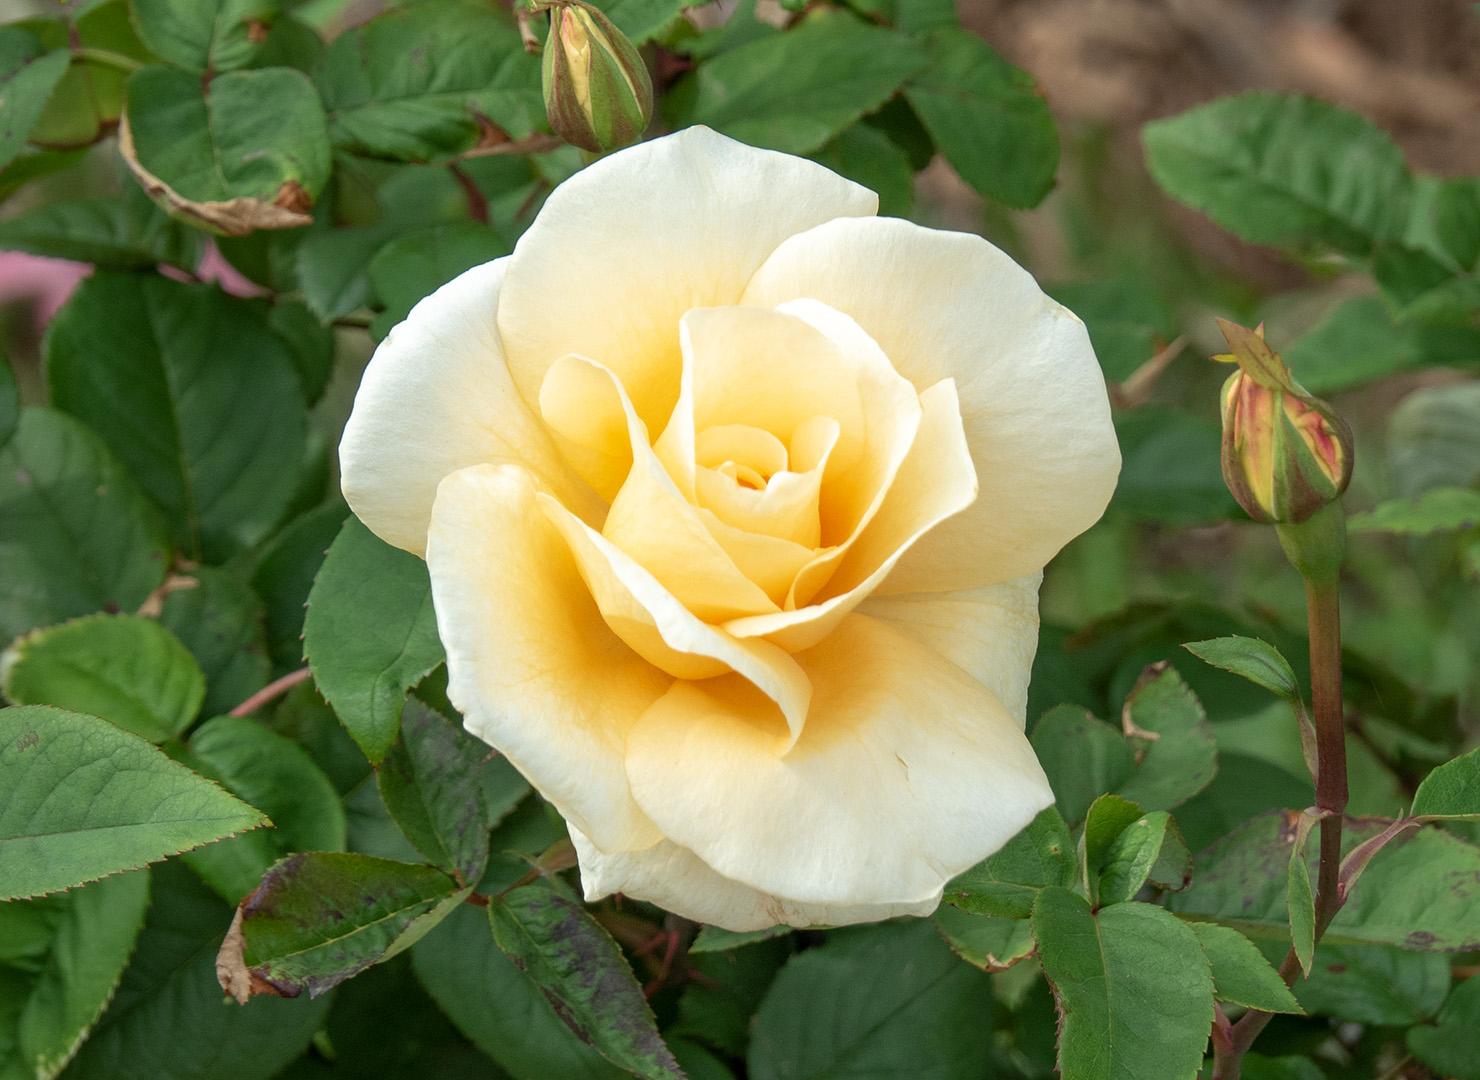 イエロー クイーン エリザベス - Yellow Queen Elizabeth